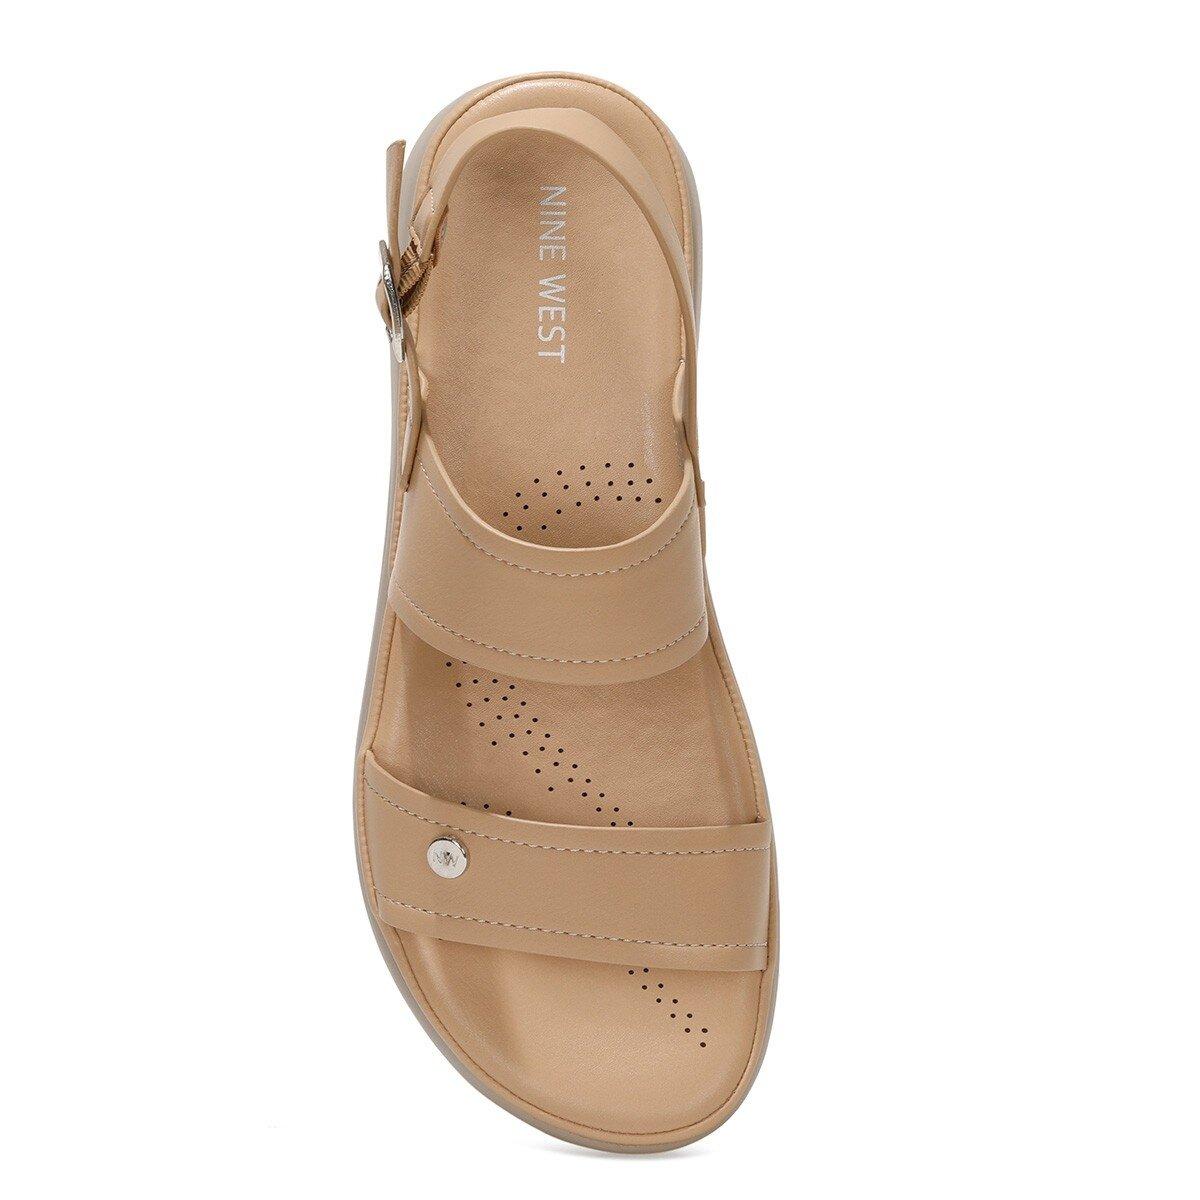 ADEVIEL 1FX Bej Kadın Kalın Tabanlı Sandalet